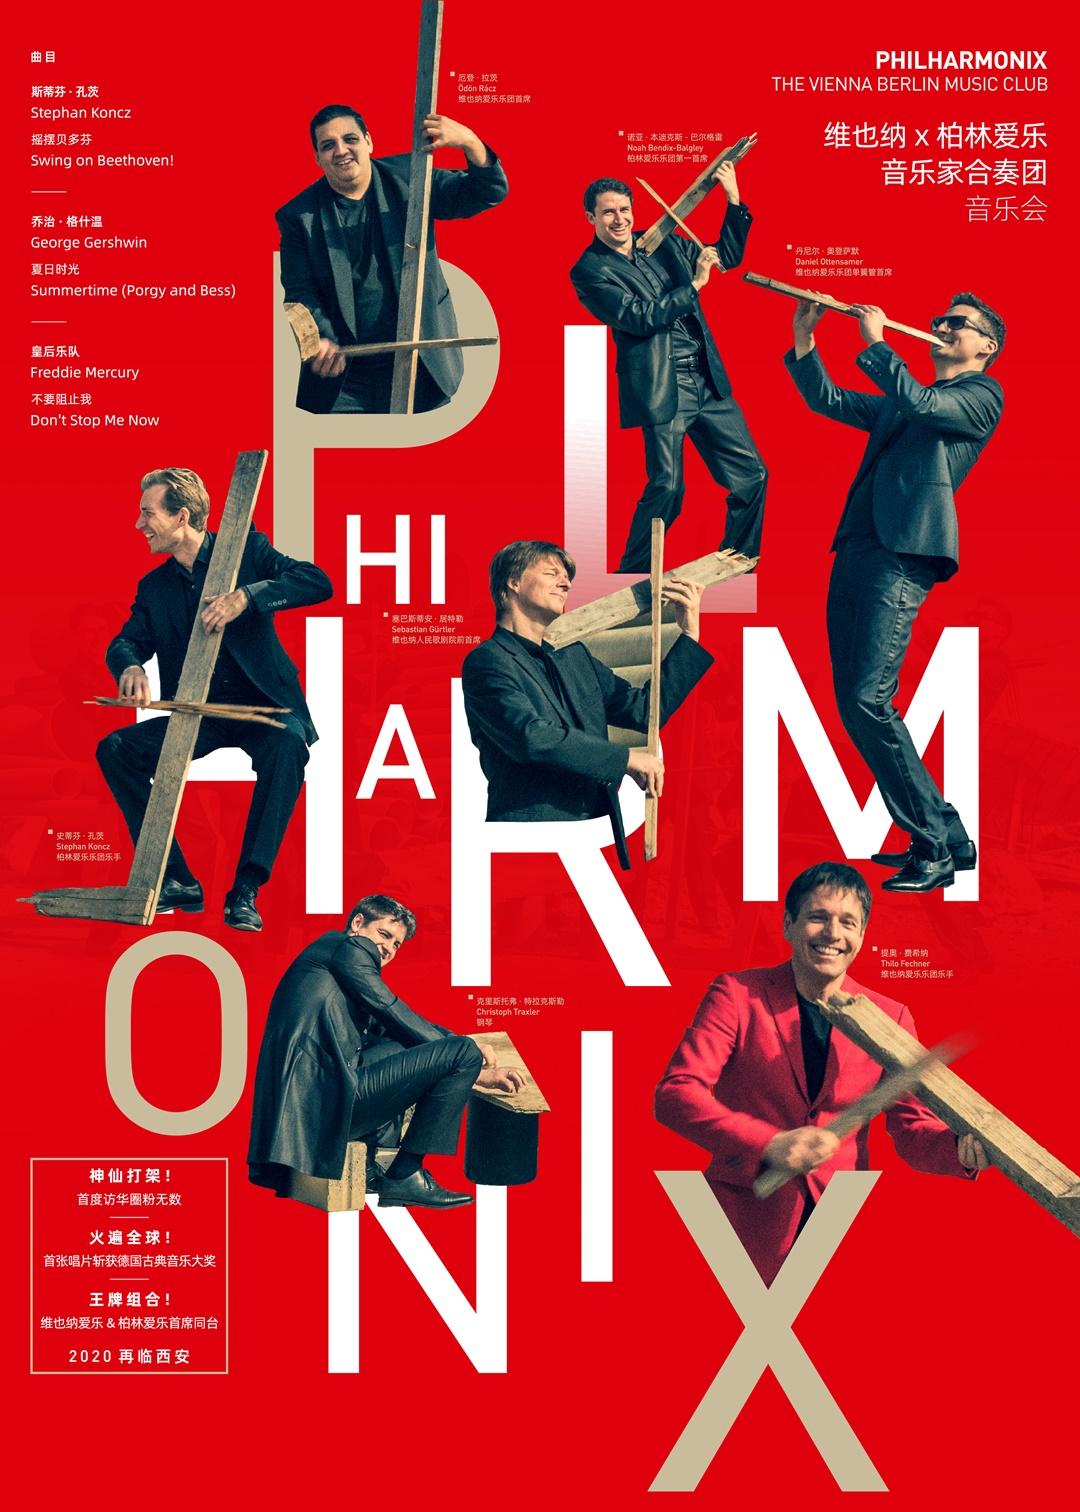 【國際大師系列】維也納x柏林愛樂音樂家合奏團音樂會